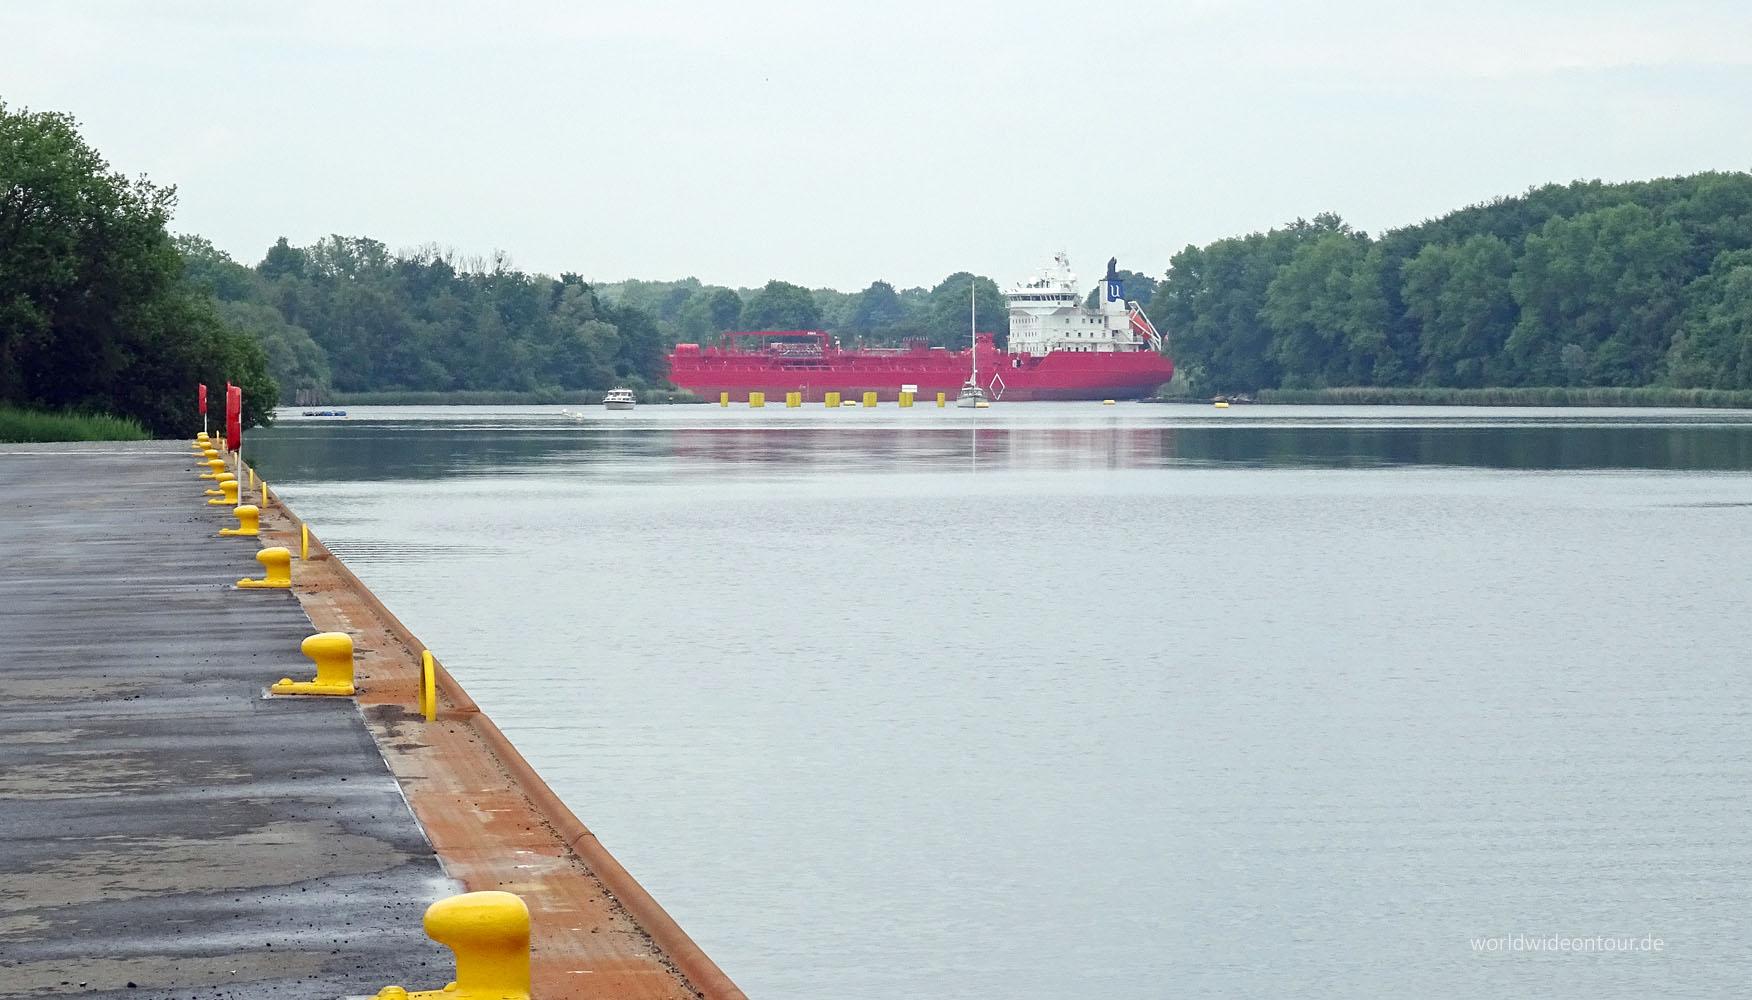 Pierbereich mit Tanker whe